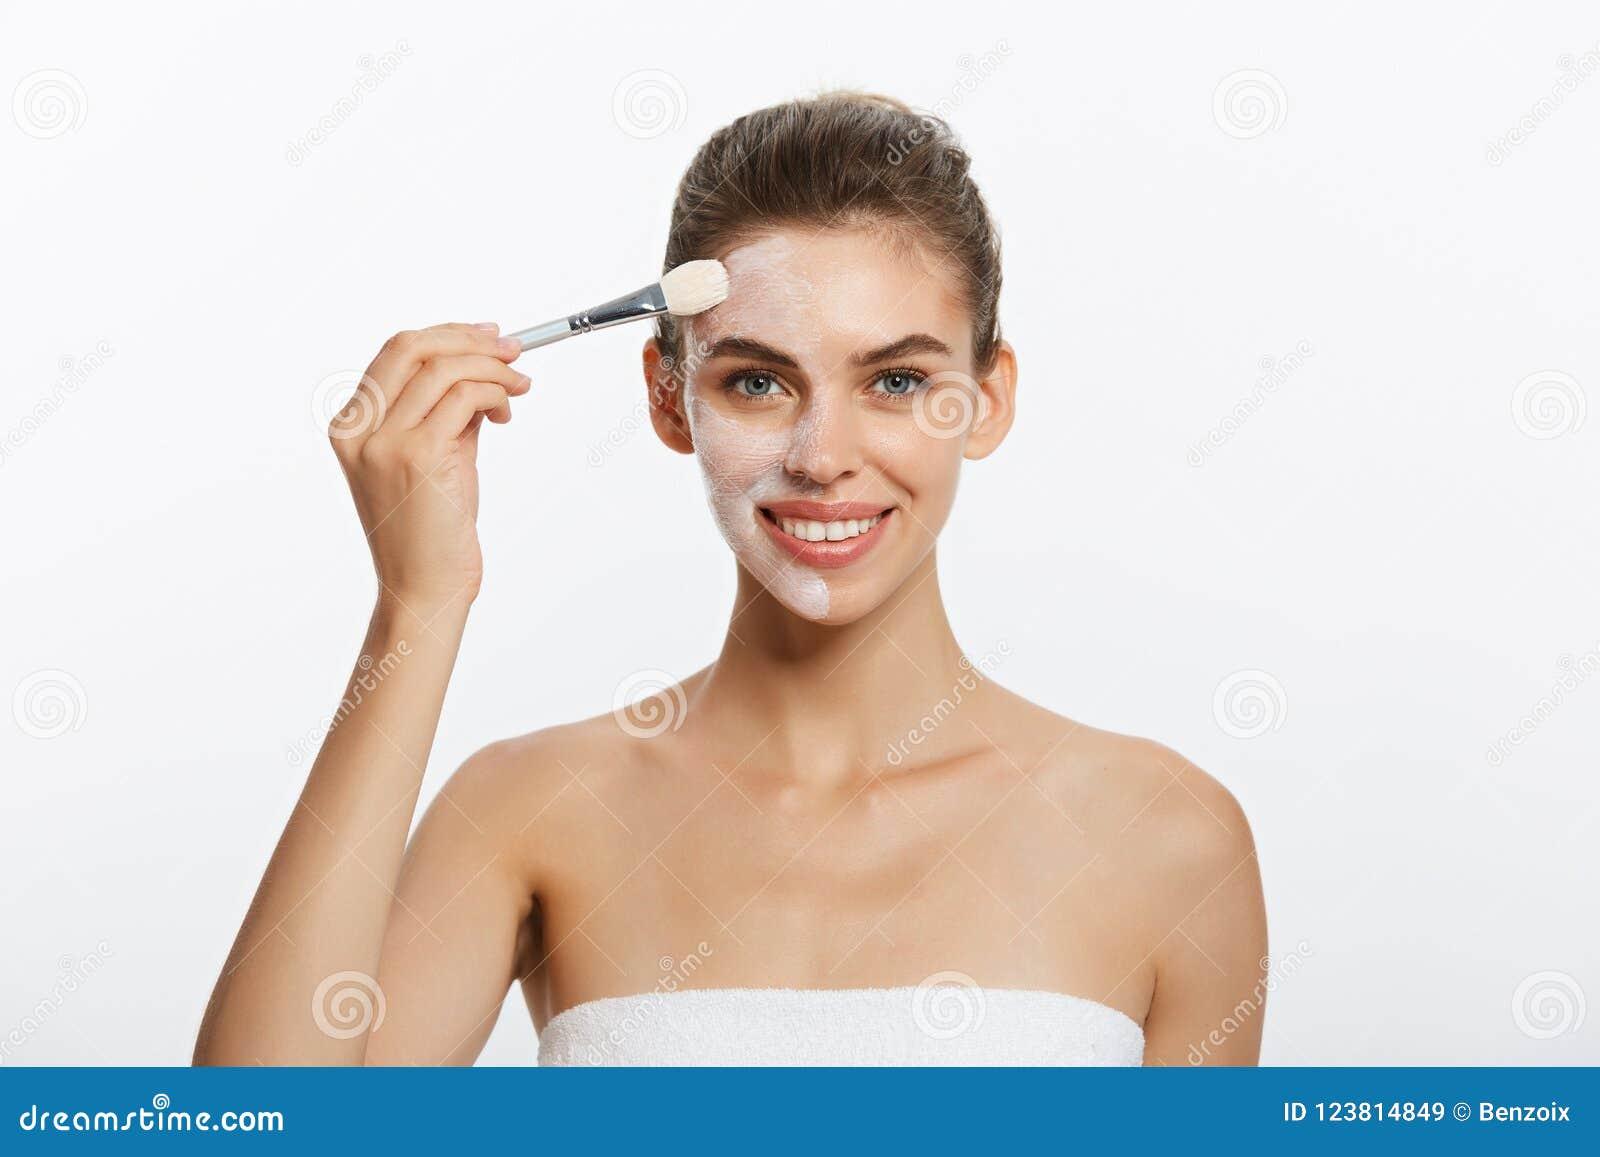 Past de portret mooie naakte vrouw kosmetisch wit kleimasker met borstel toe Geïsoleerd op een witte achtergrond Concept van